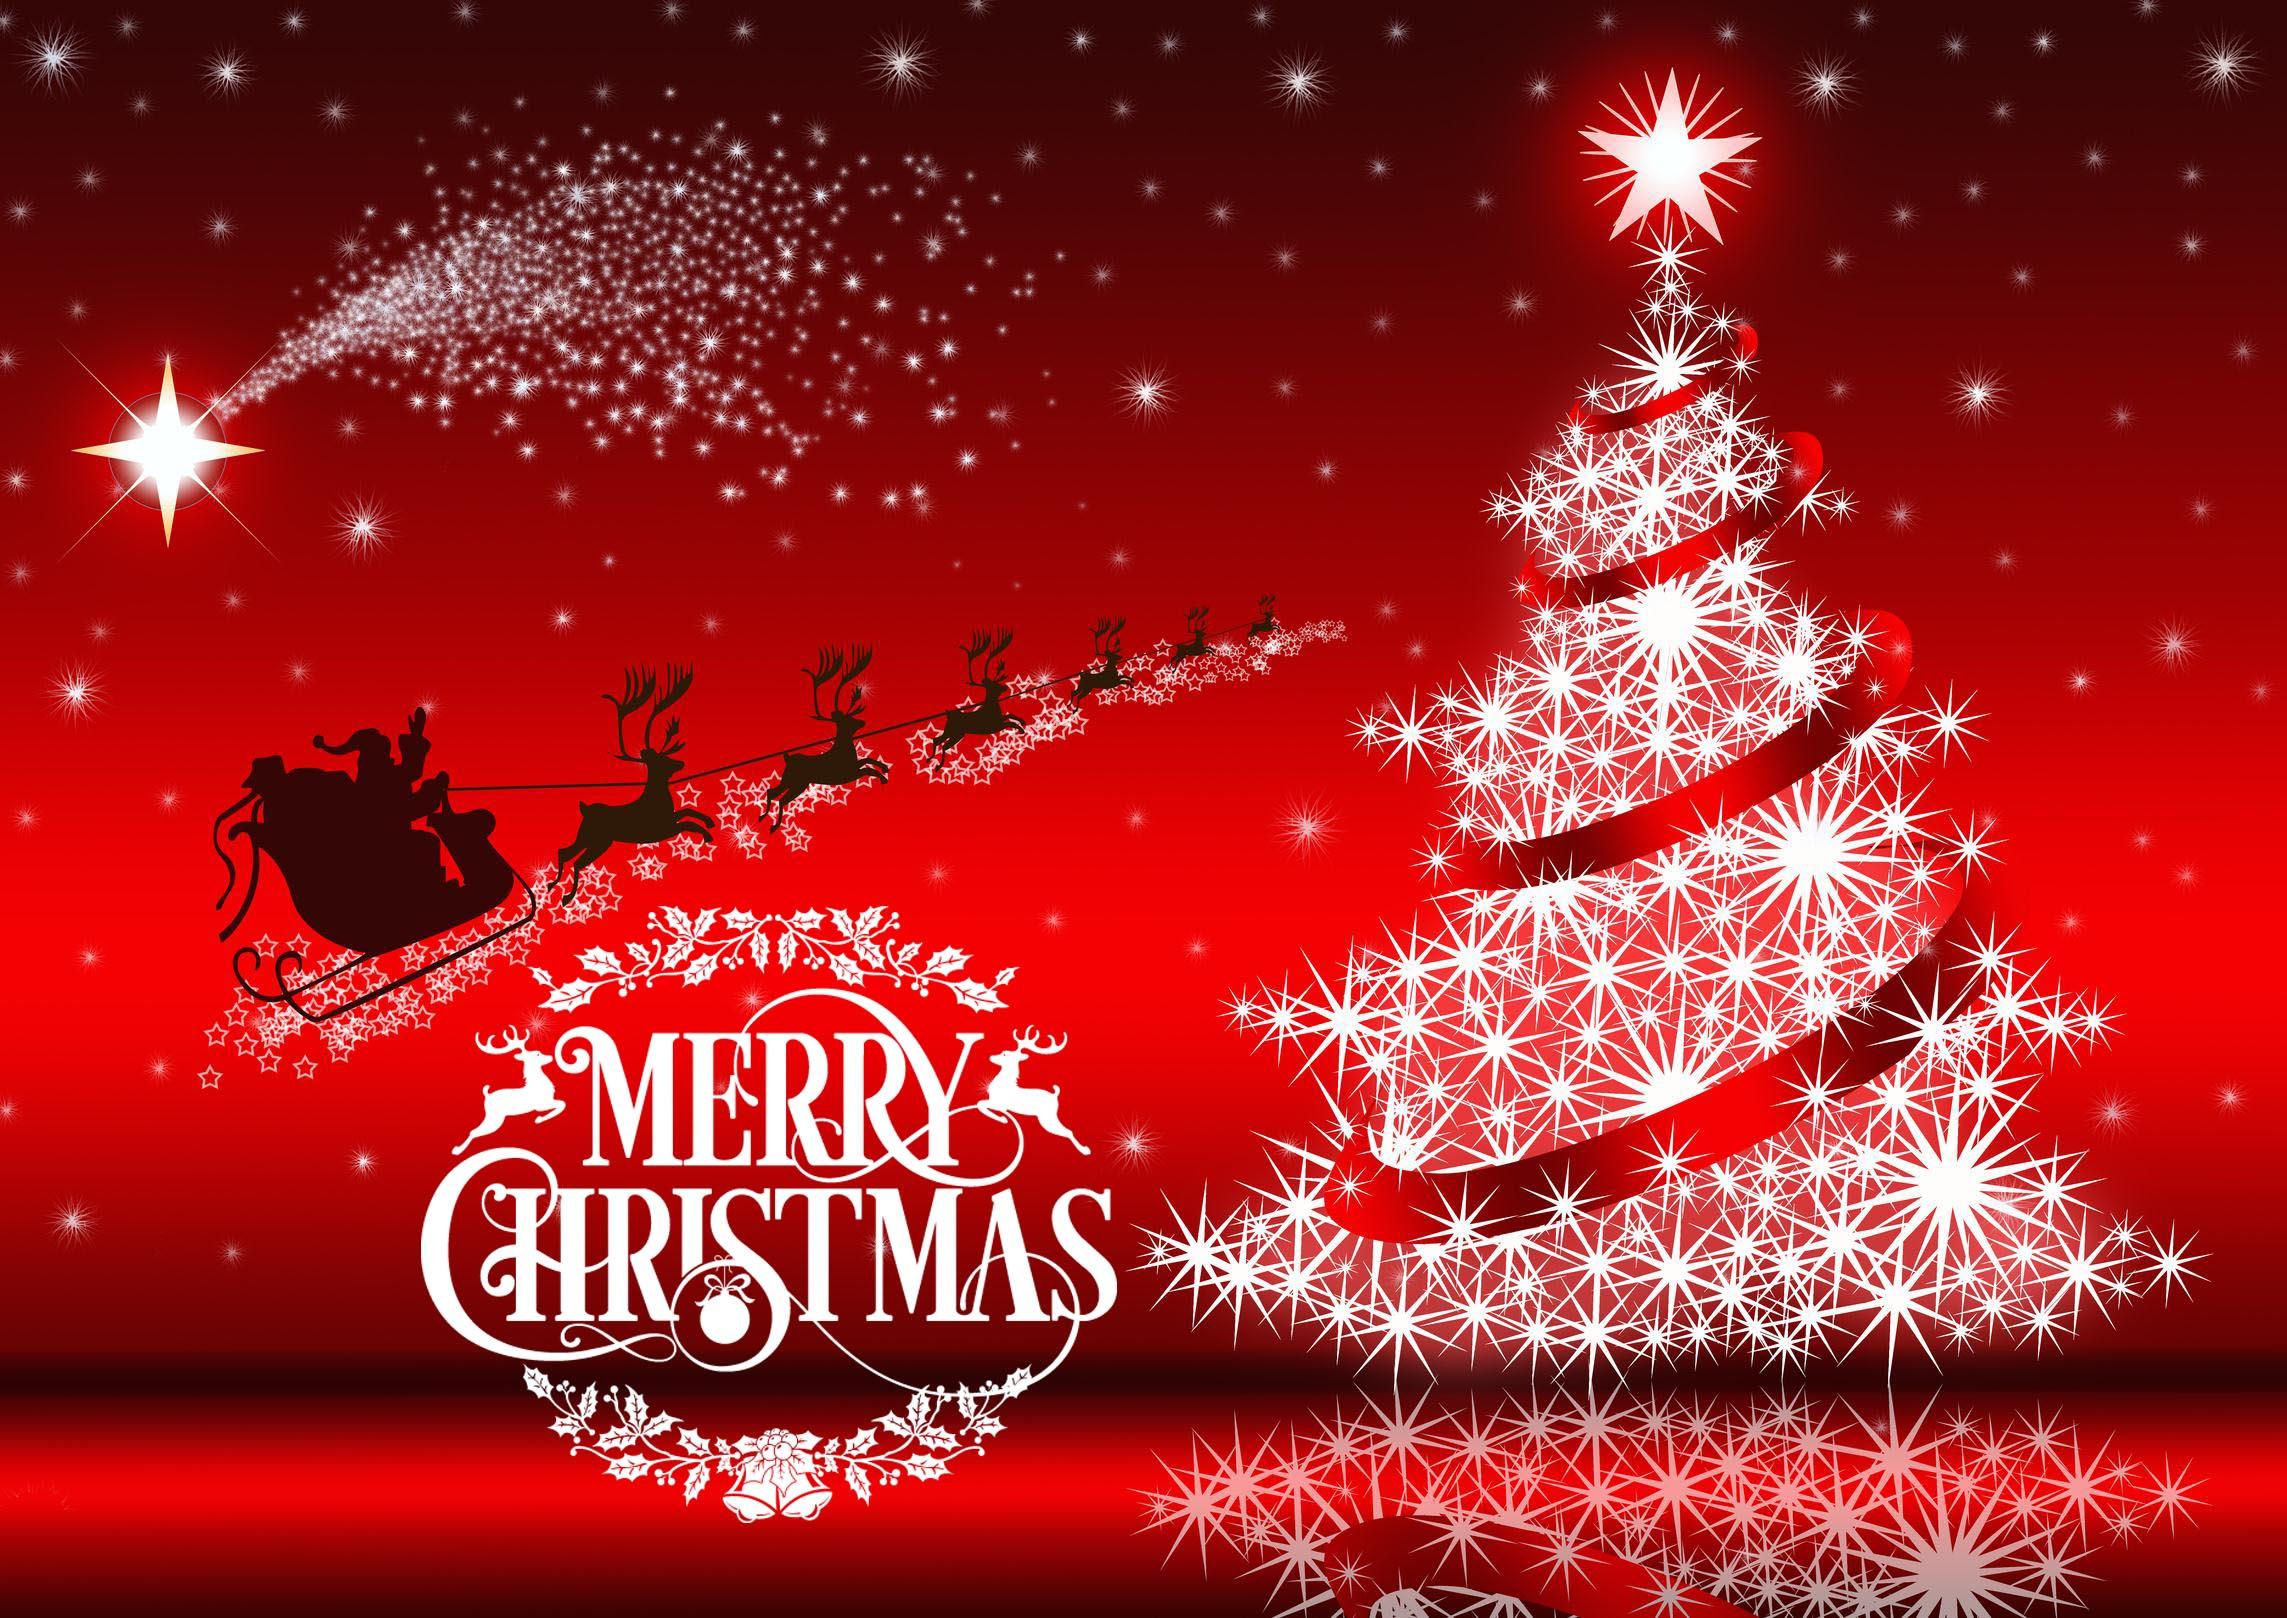 happy merry christmas wishes greetings santa rein deer hd wallpaper